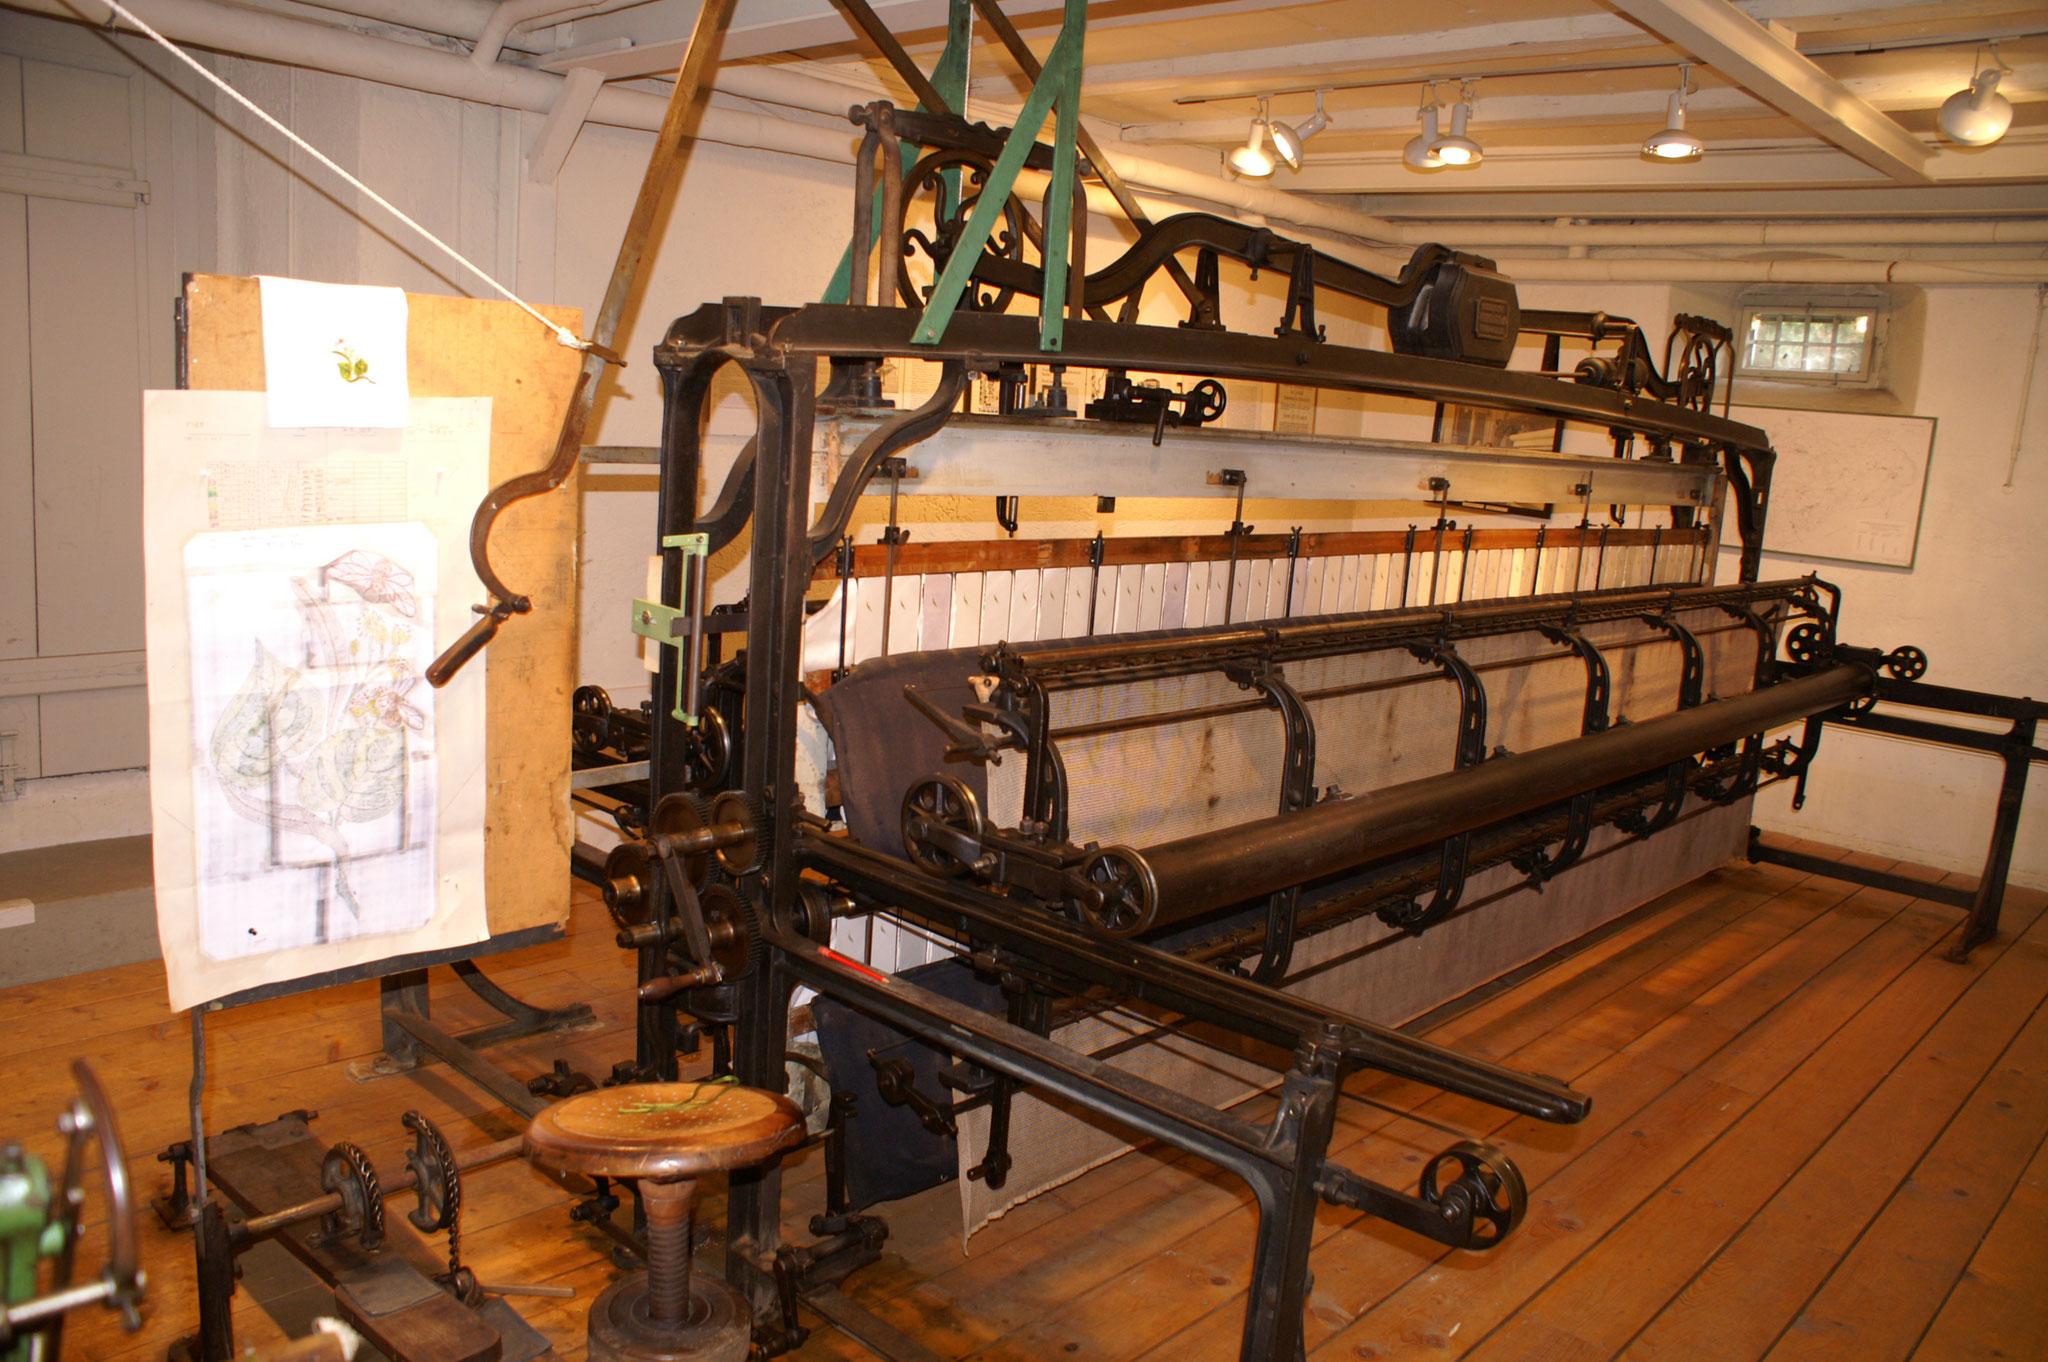 Handstickmaschine um 1890 aus der Stickerei A. Naef & Cie AG, hergestellt bei Wiesendanger, Bruggen St.Gallen